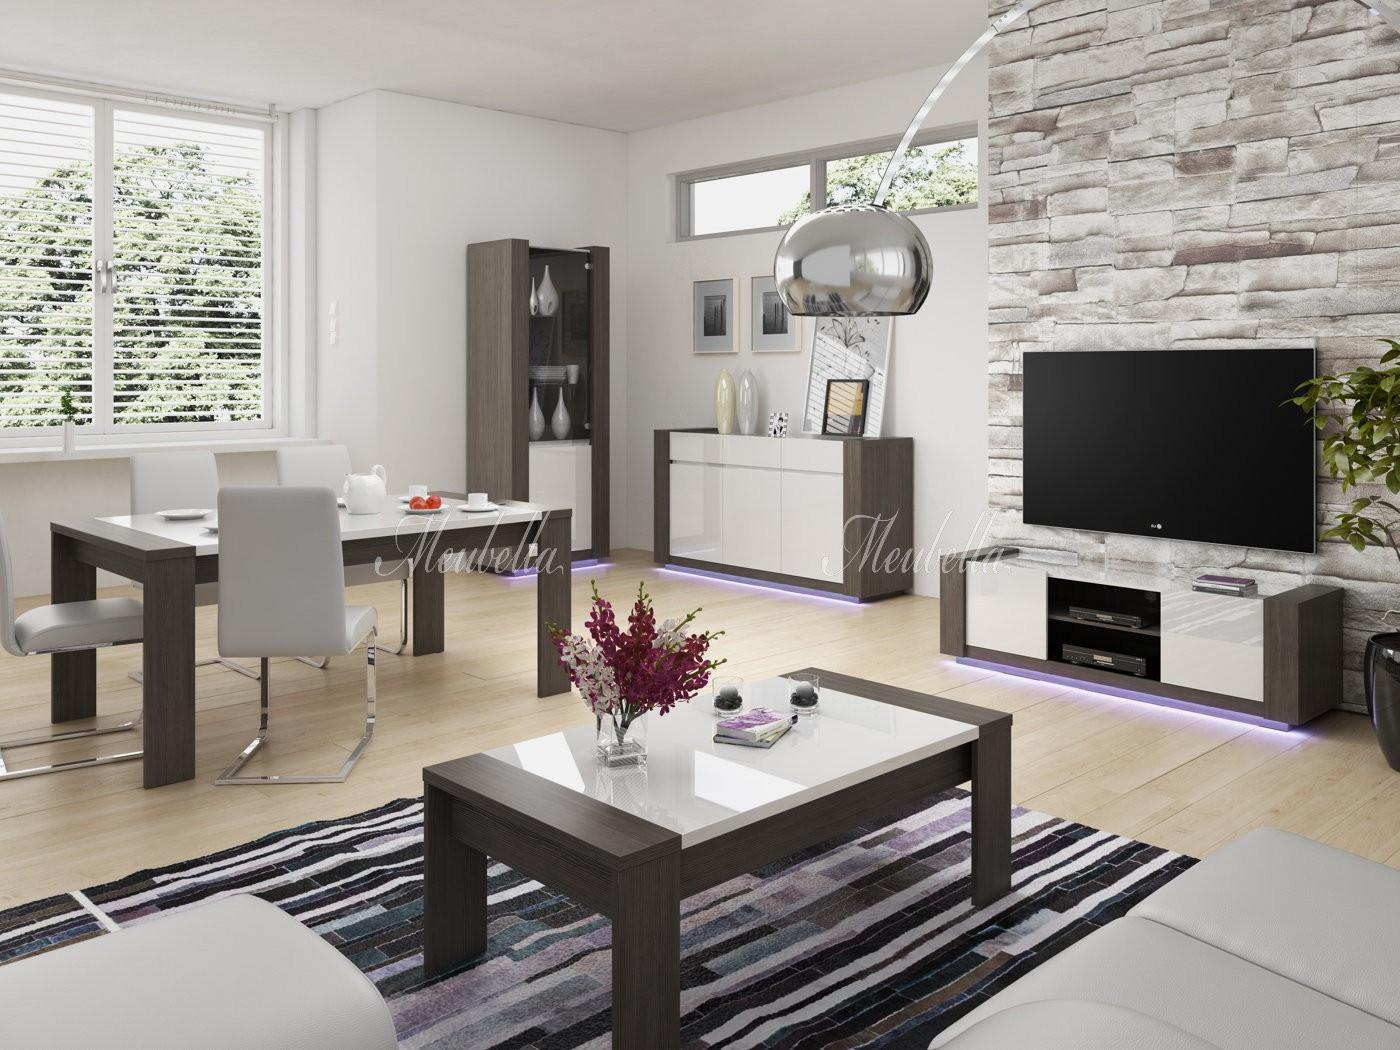 Woonkamer meubels met led verlichting beste inspiratie voor huis ontwerp - Woonkamer meubels ...